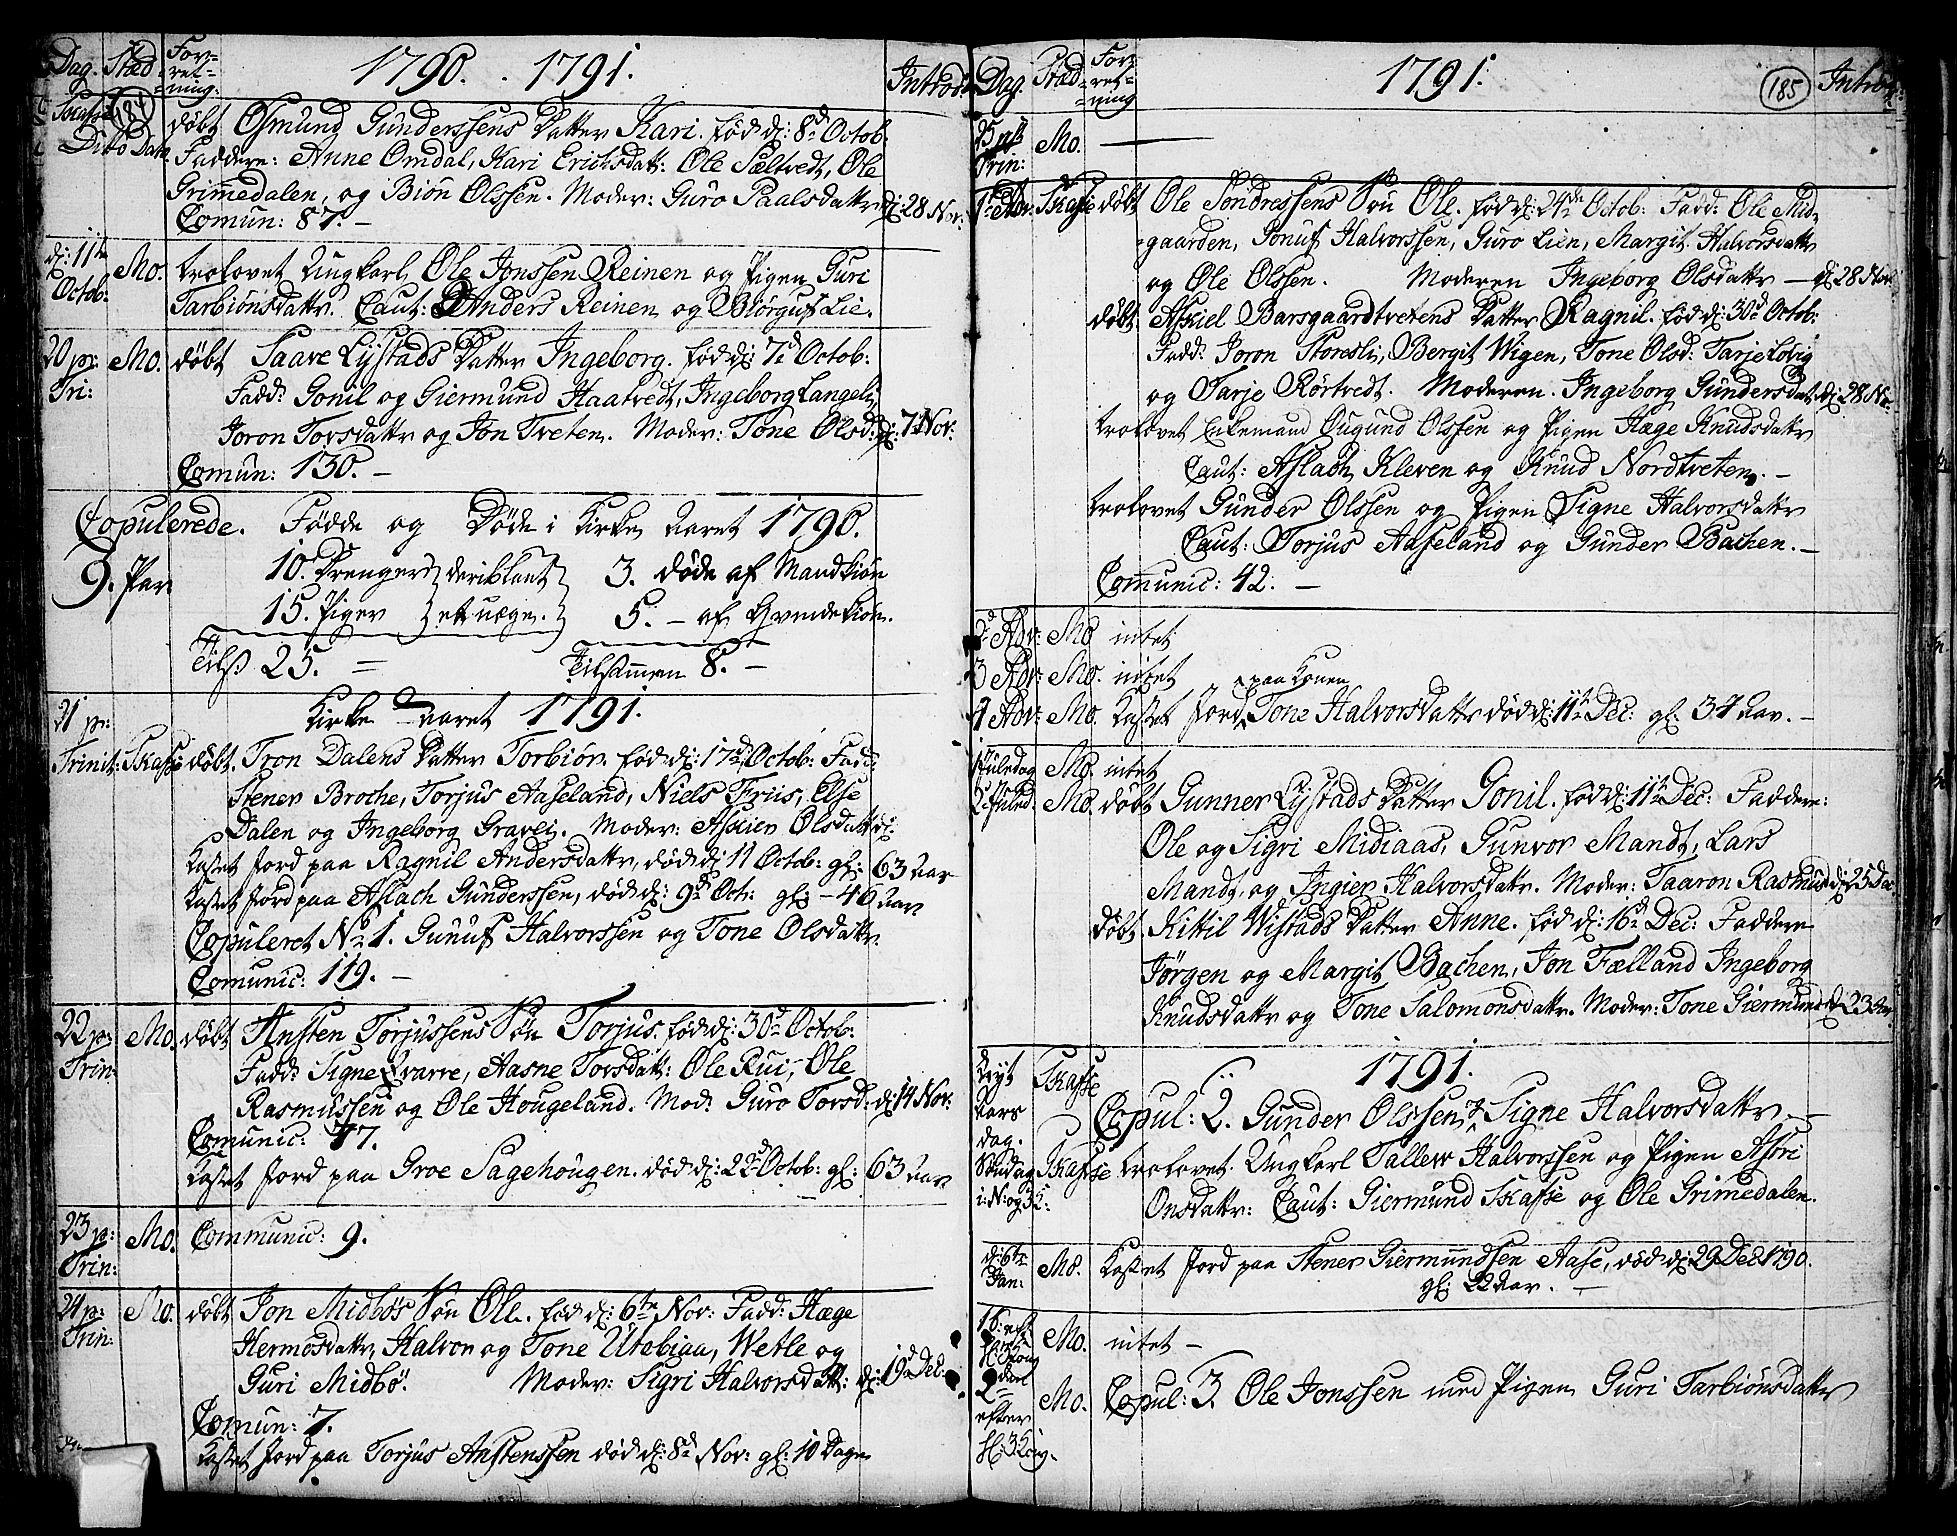 SAKO, Mo kirkebøker, F/Fa/L0002: Ministerialbok nr. I 2, 1766-1799, s. 184-185